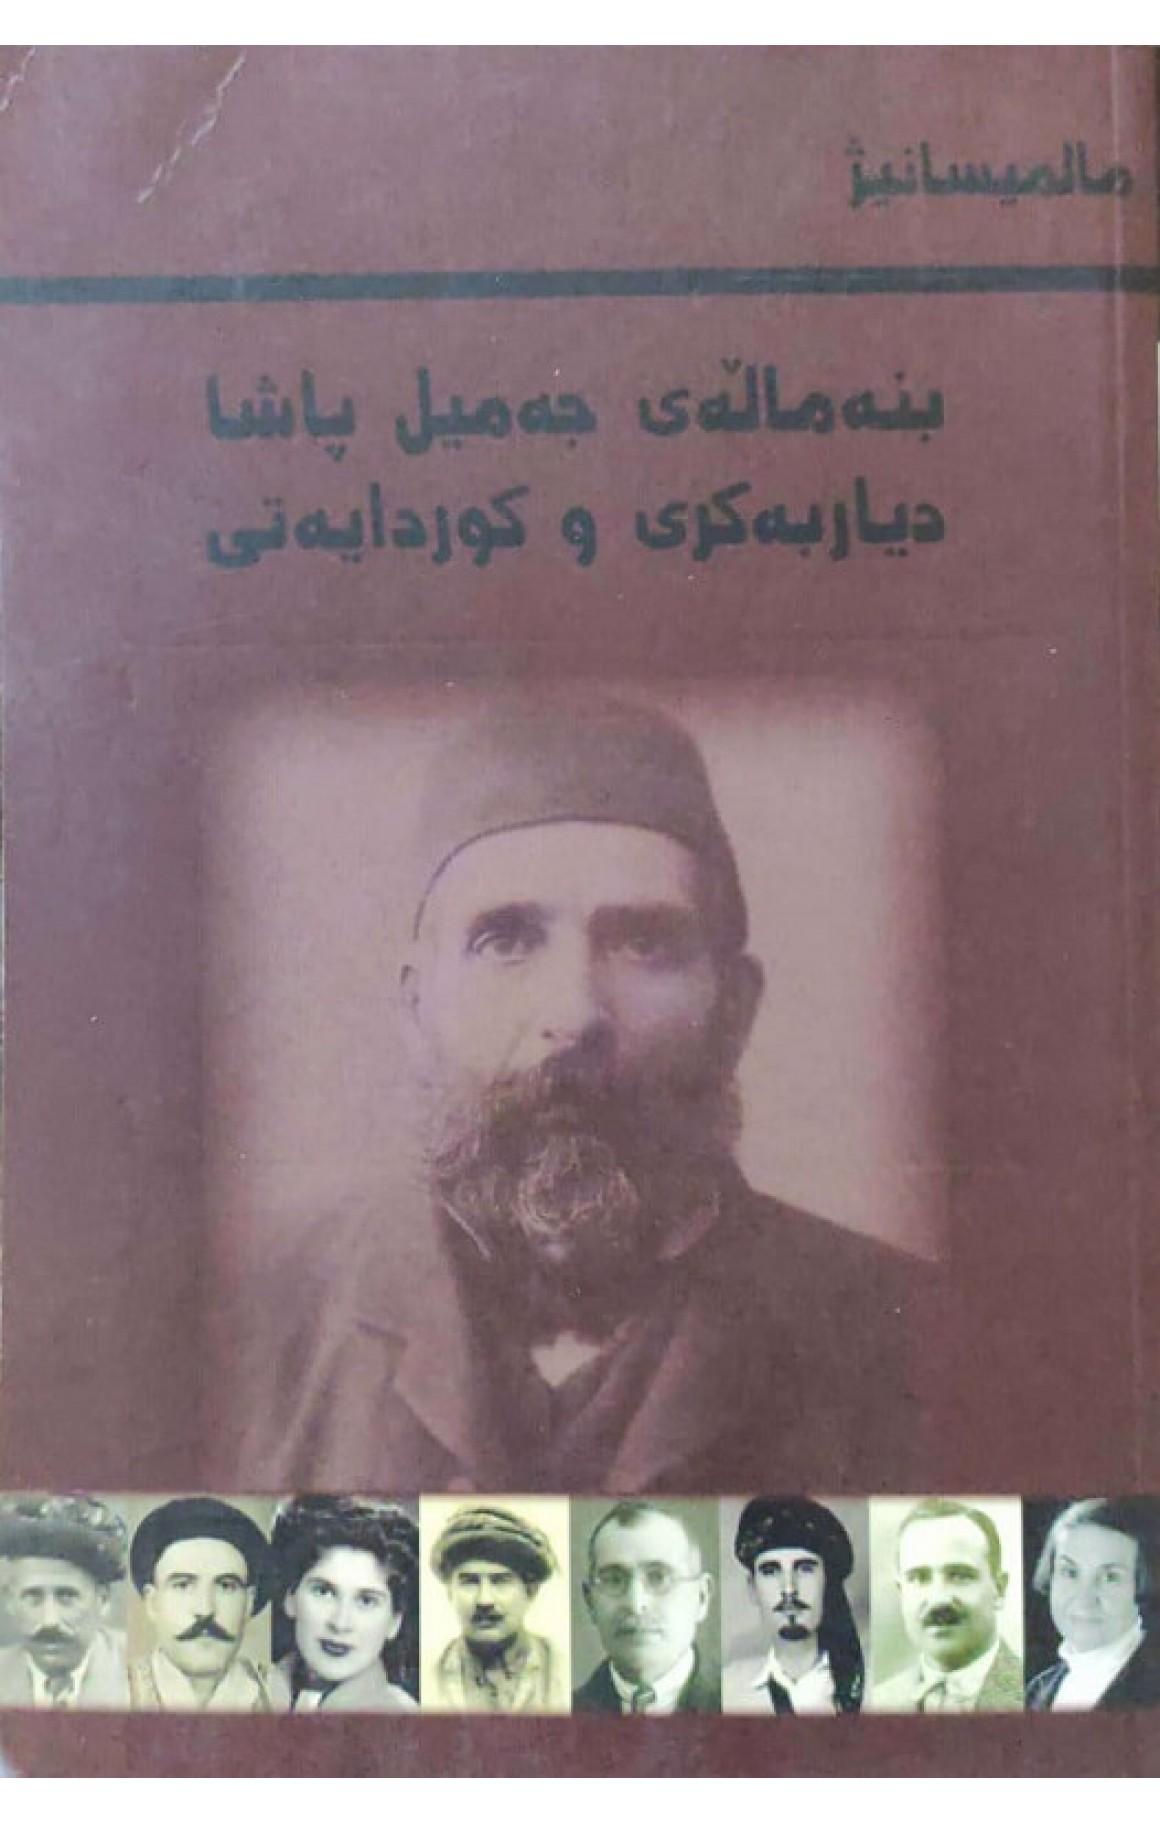 Binemalî Cemîl Paşayî Diyarbekirî û Kurdeyatî (soranî -arap alfabesi)